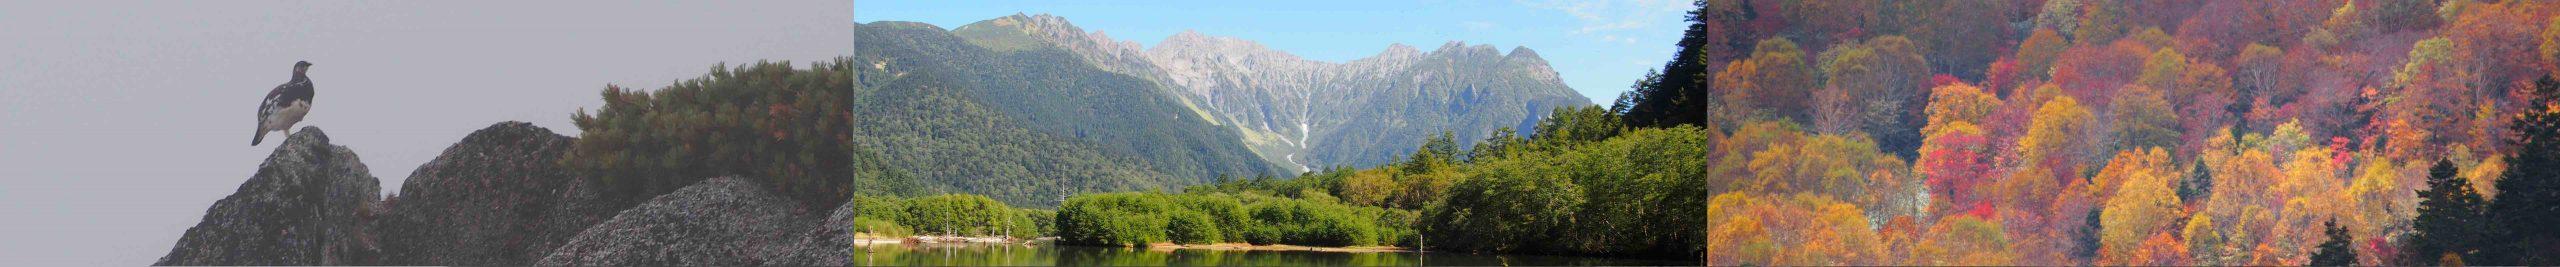 3つの横に並んだ画像 A:春,燕岳のライチョウ E:夏,大正池と穂高連峰 M:秋 尾瀬の紅葉